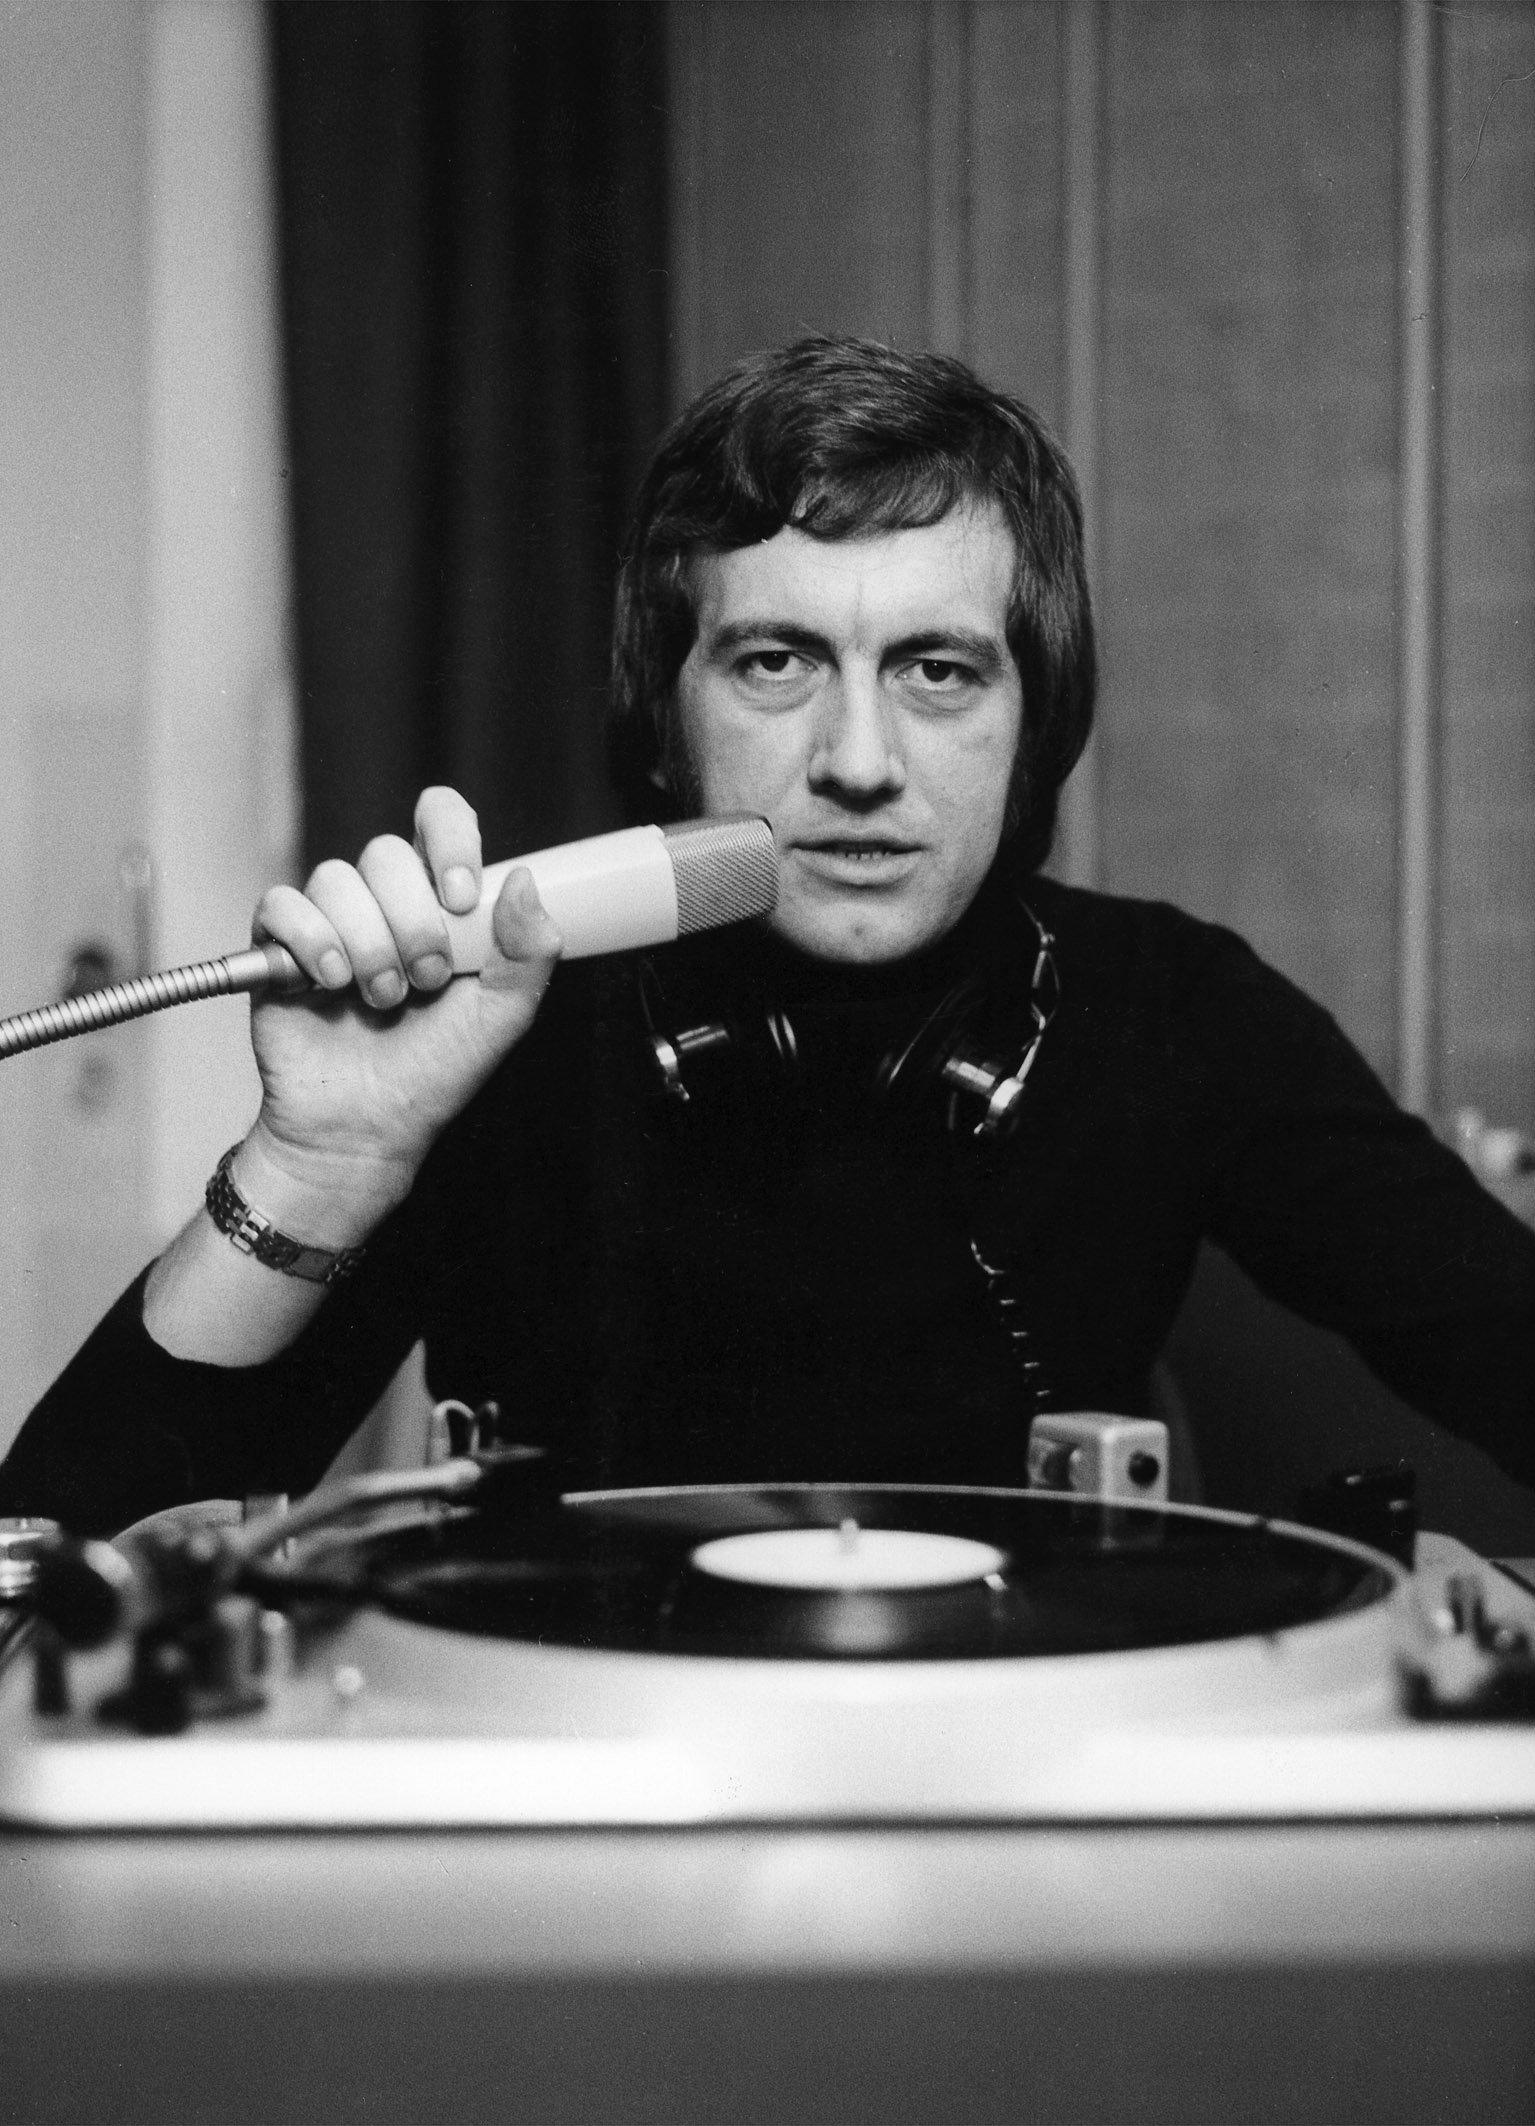 Arbeitsmaterialien 1973: Reinke mit Schwanenhals-Mikrofon und Plattenspieler (© HR/Kurt Bethke)